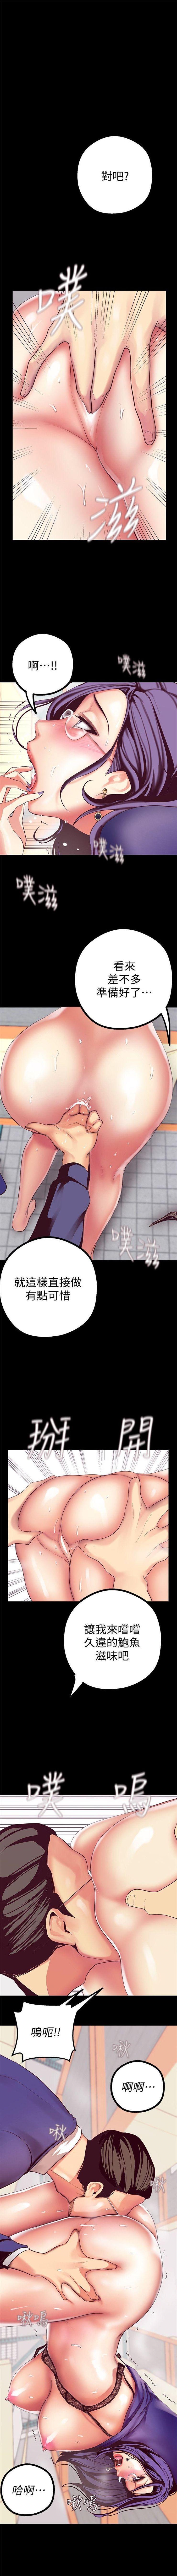 (週1)美麗新世界 1-76 中文翻譯 (更新中) 156